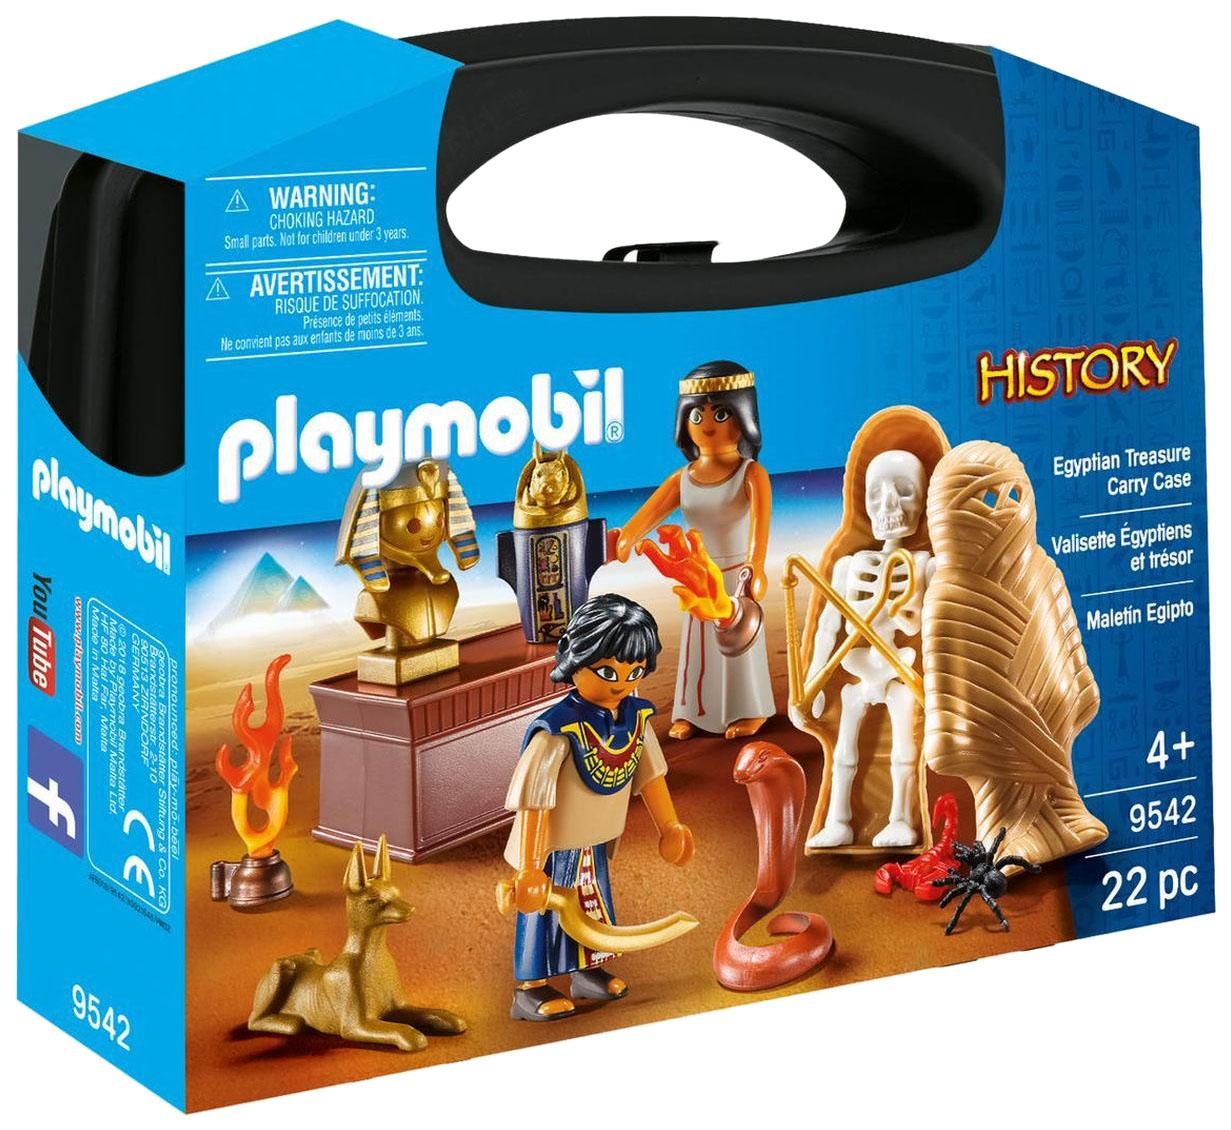 Купить Конструктор пластиковый Playmobil Возьми с собой: Египет, Конструкторы пластмассовые